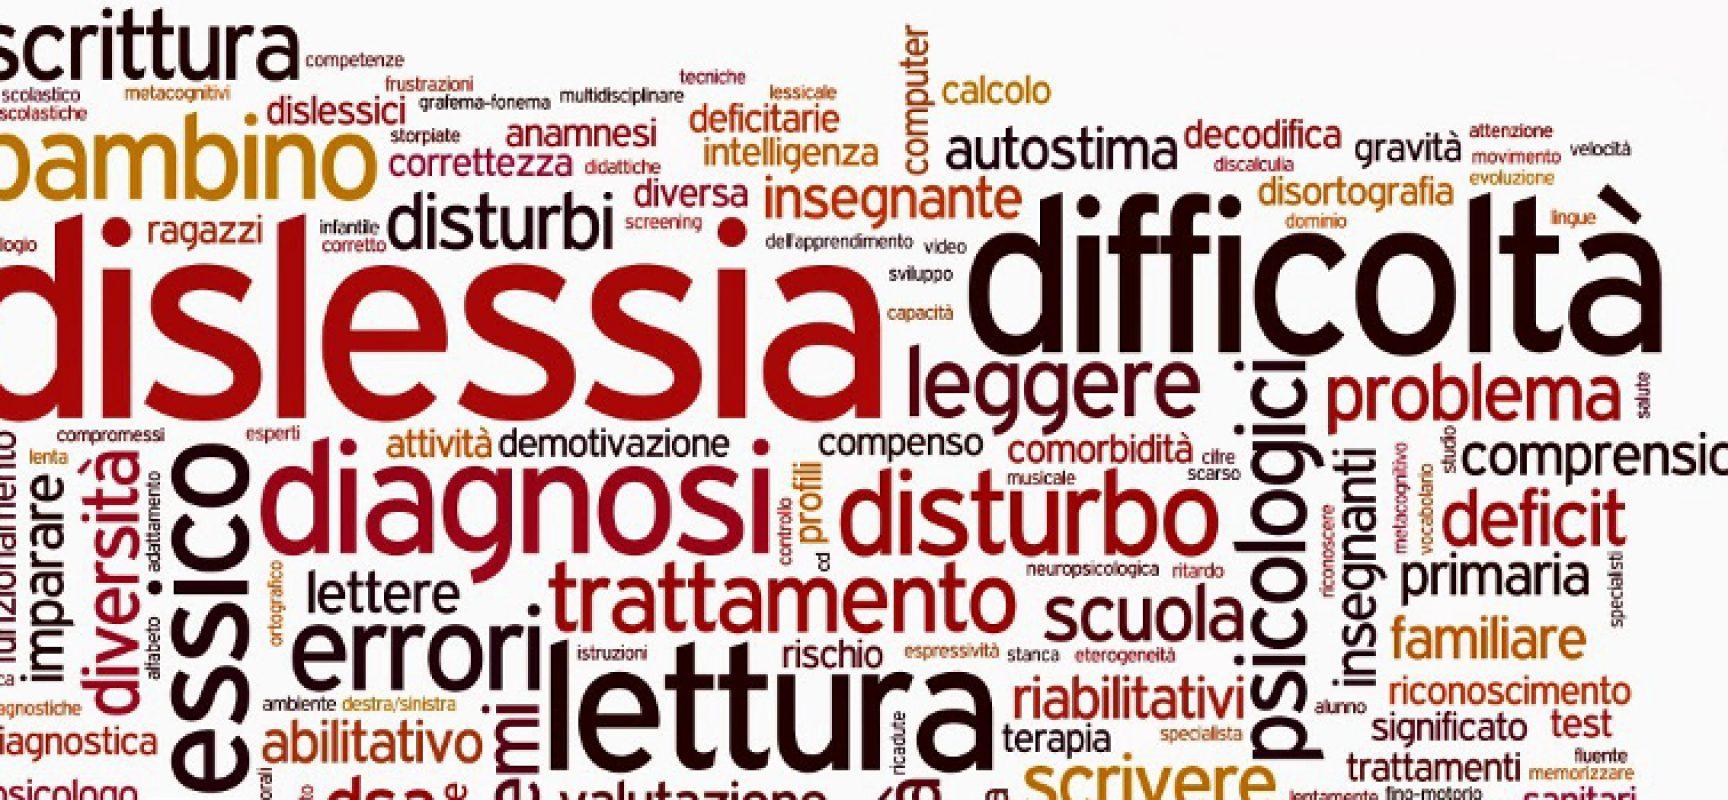 """Disturbi apprendimento, seminario nell'Auditorium Lecci-Minerva della Scuola """"Monterisi"""""""